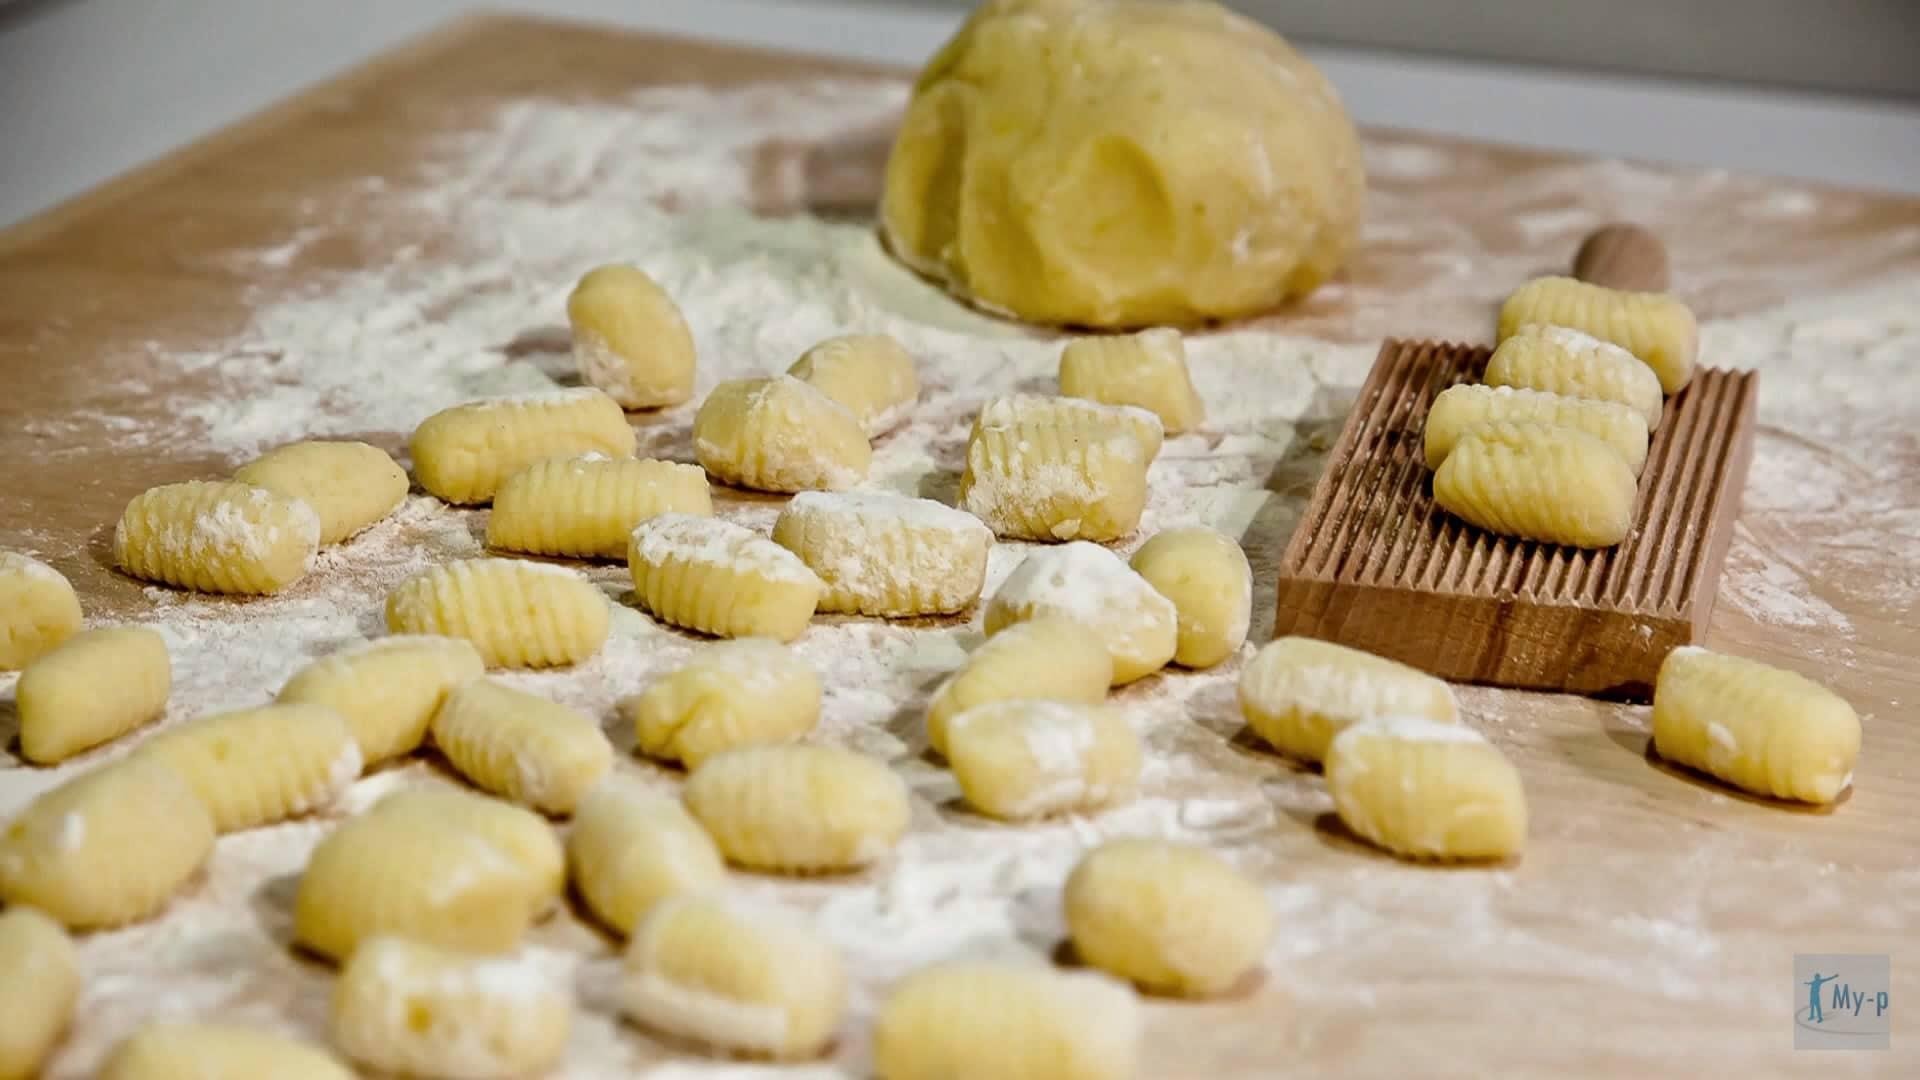 gnocchi di patate - Come Cucinare Gli Gnocchi Di Patate